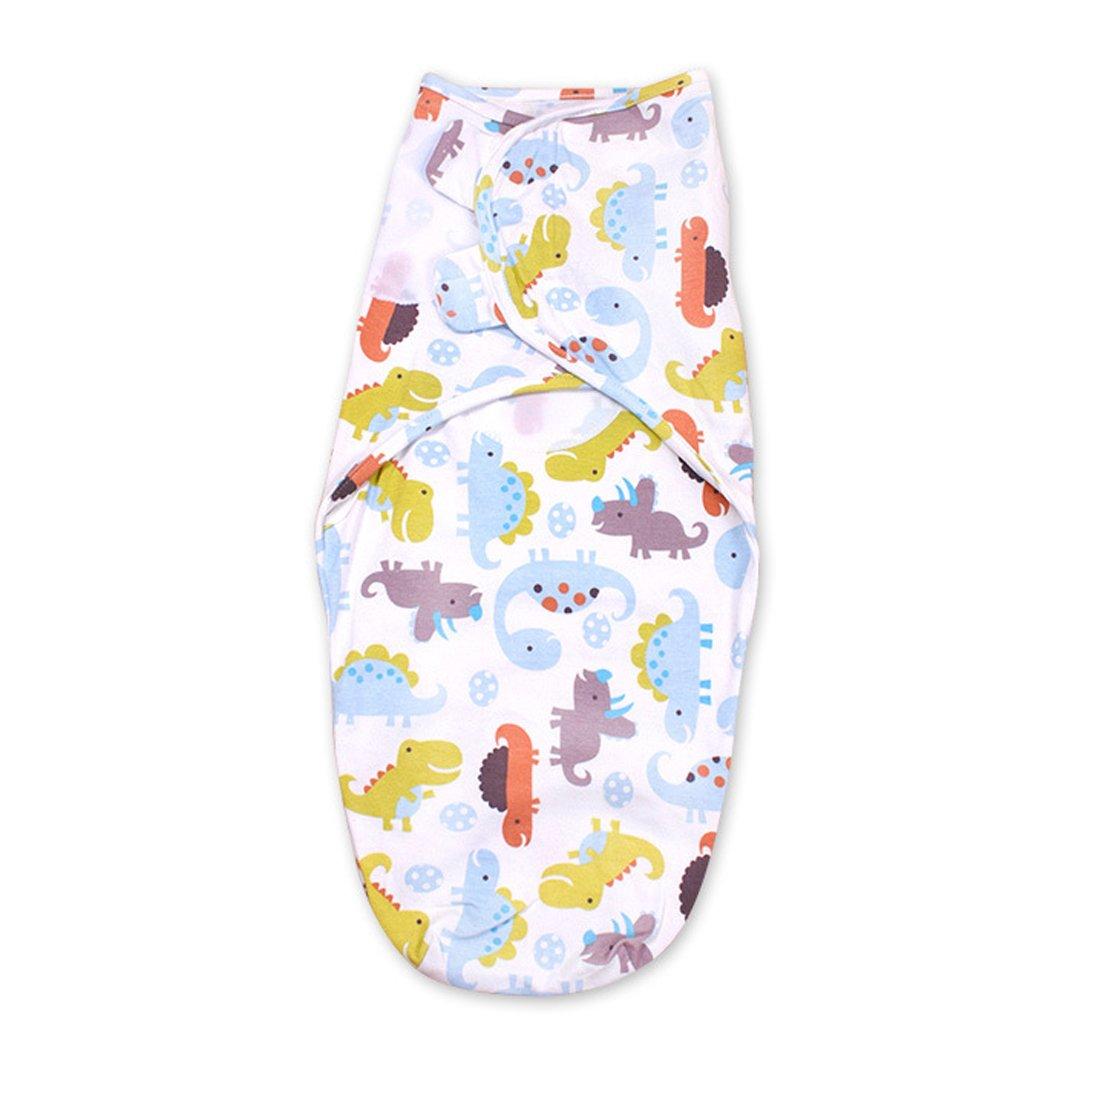 Fairy Baby Pucksack Baby Puckdecke Baumwolle Pucksäcke Swaddle Tuch Schreibabys Ganzkörper, 0-6 Monate, Planet Rainbow Trade Co Ltd